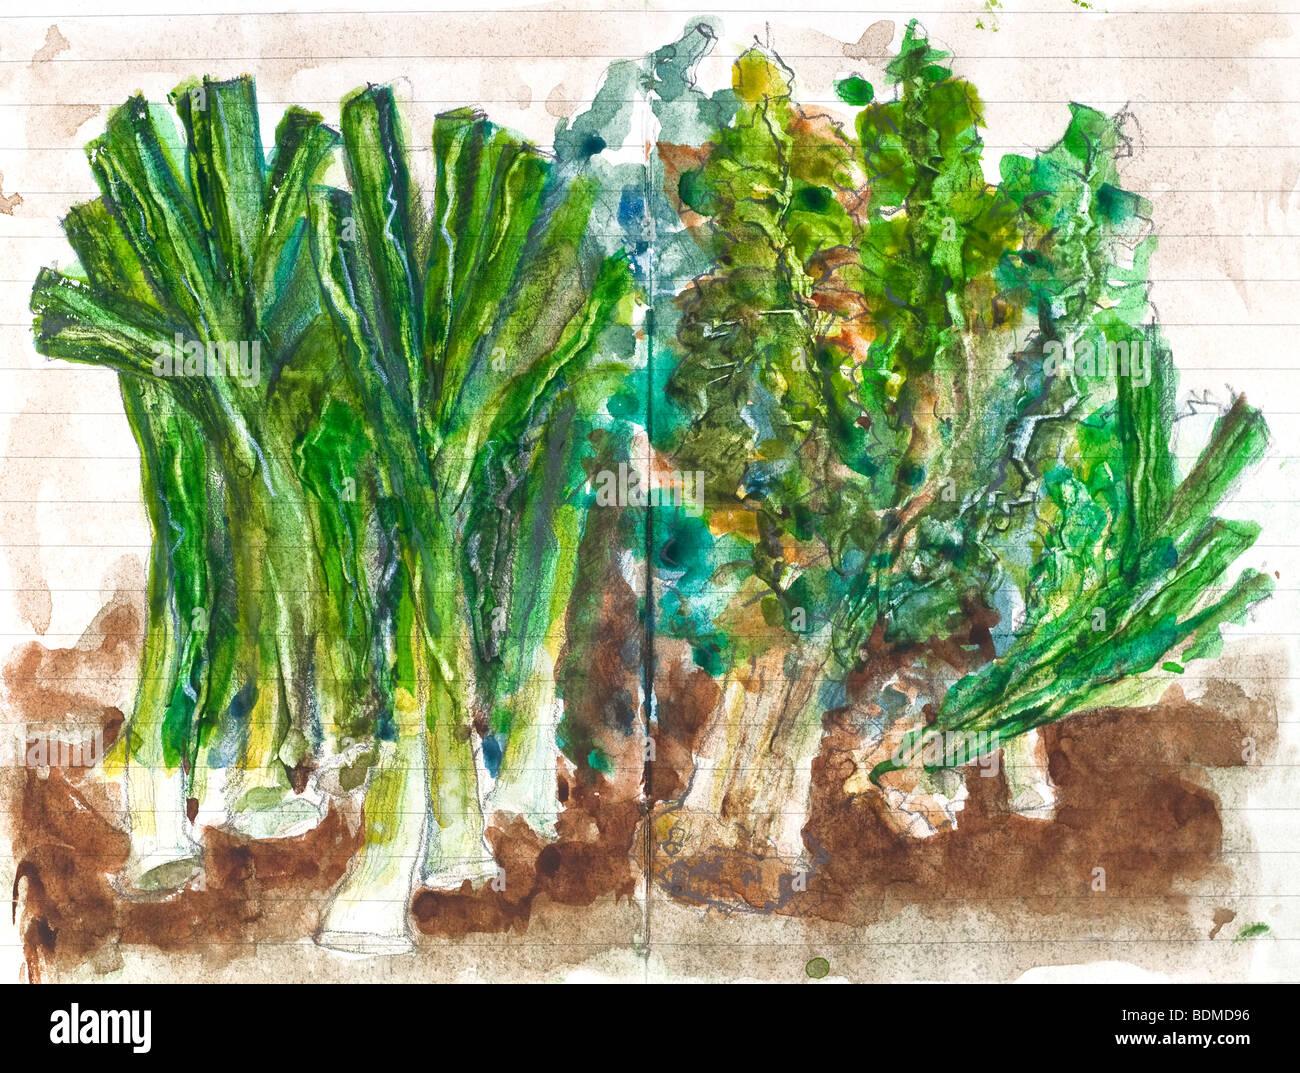 Malerei in Aquarell Skizzenbuch von Gemüse - Frankreich Stockfoto ...